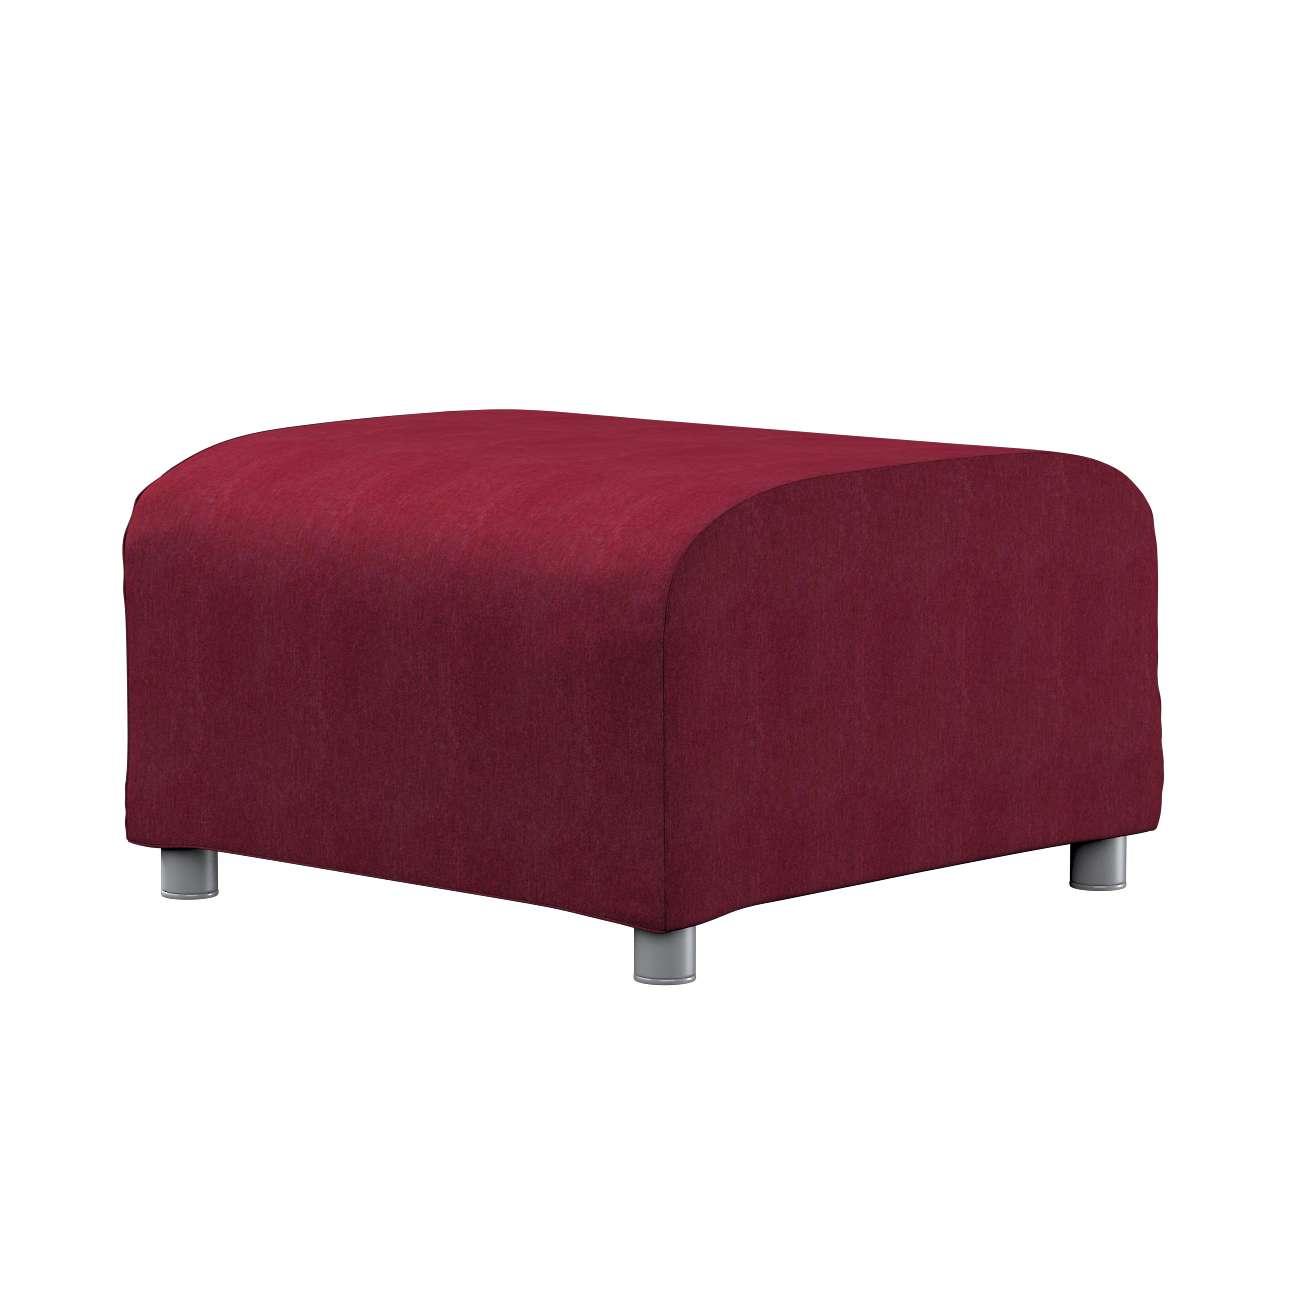 KLIPPAN pufo užvalkalas Klippan footstool cover kolekcijoje Chenille, audinys: 702-19